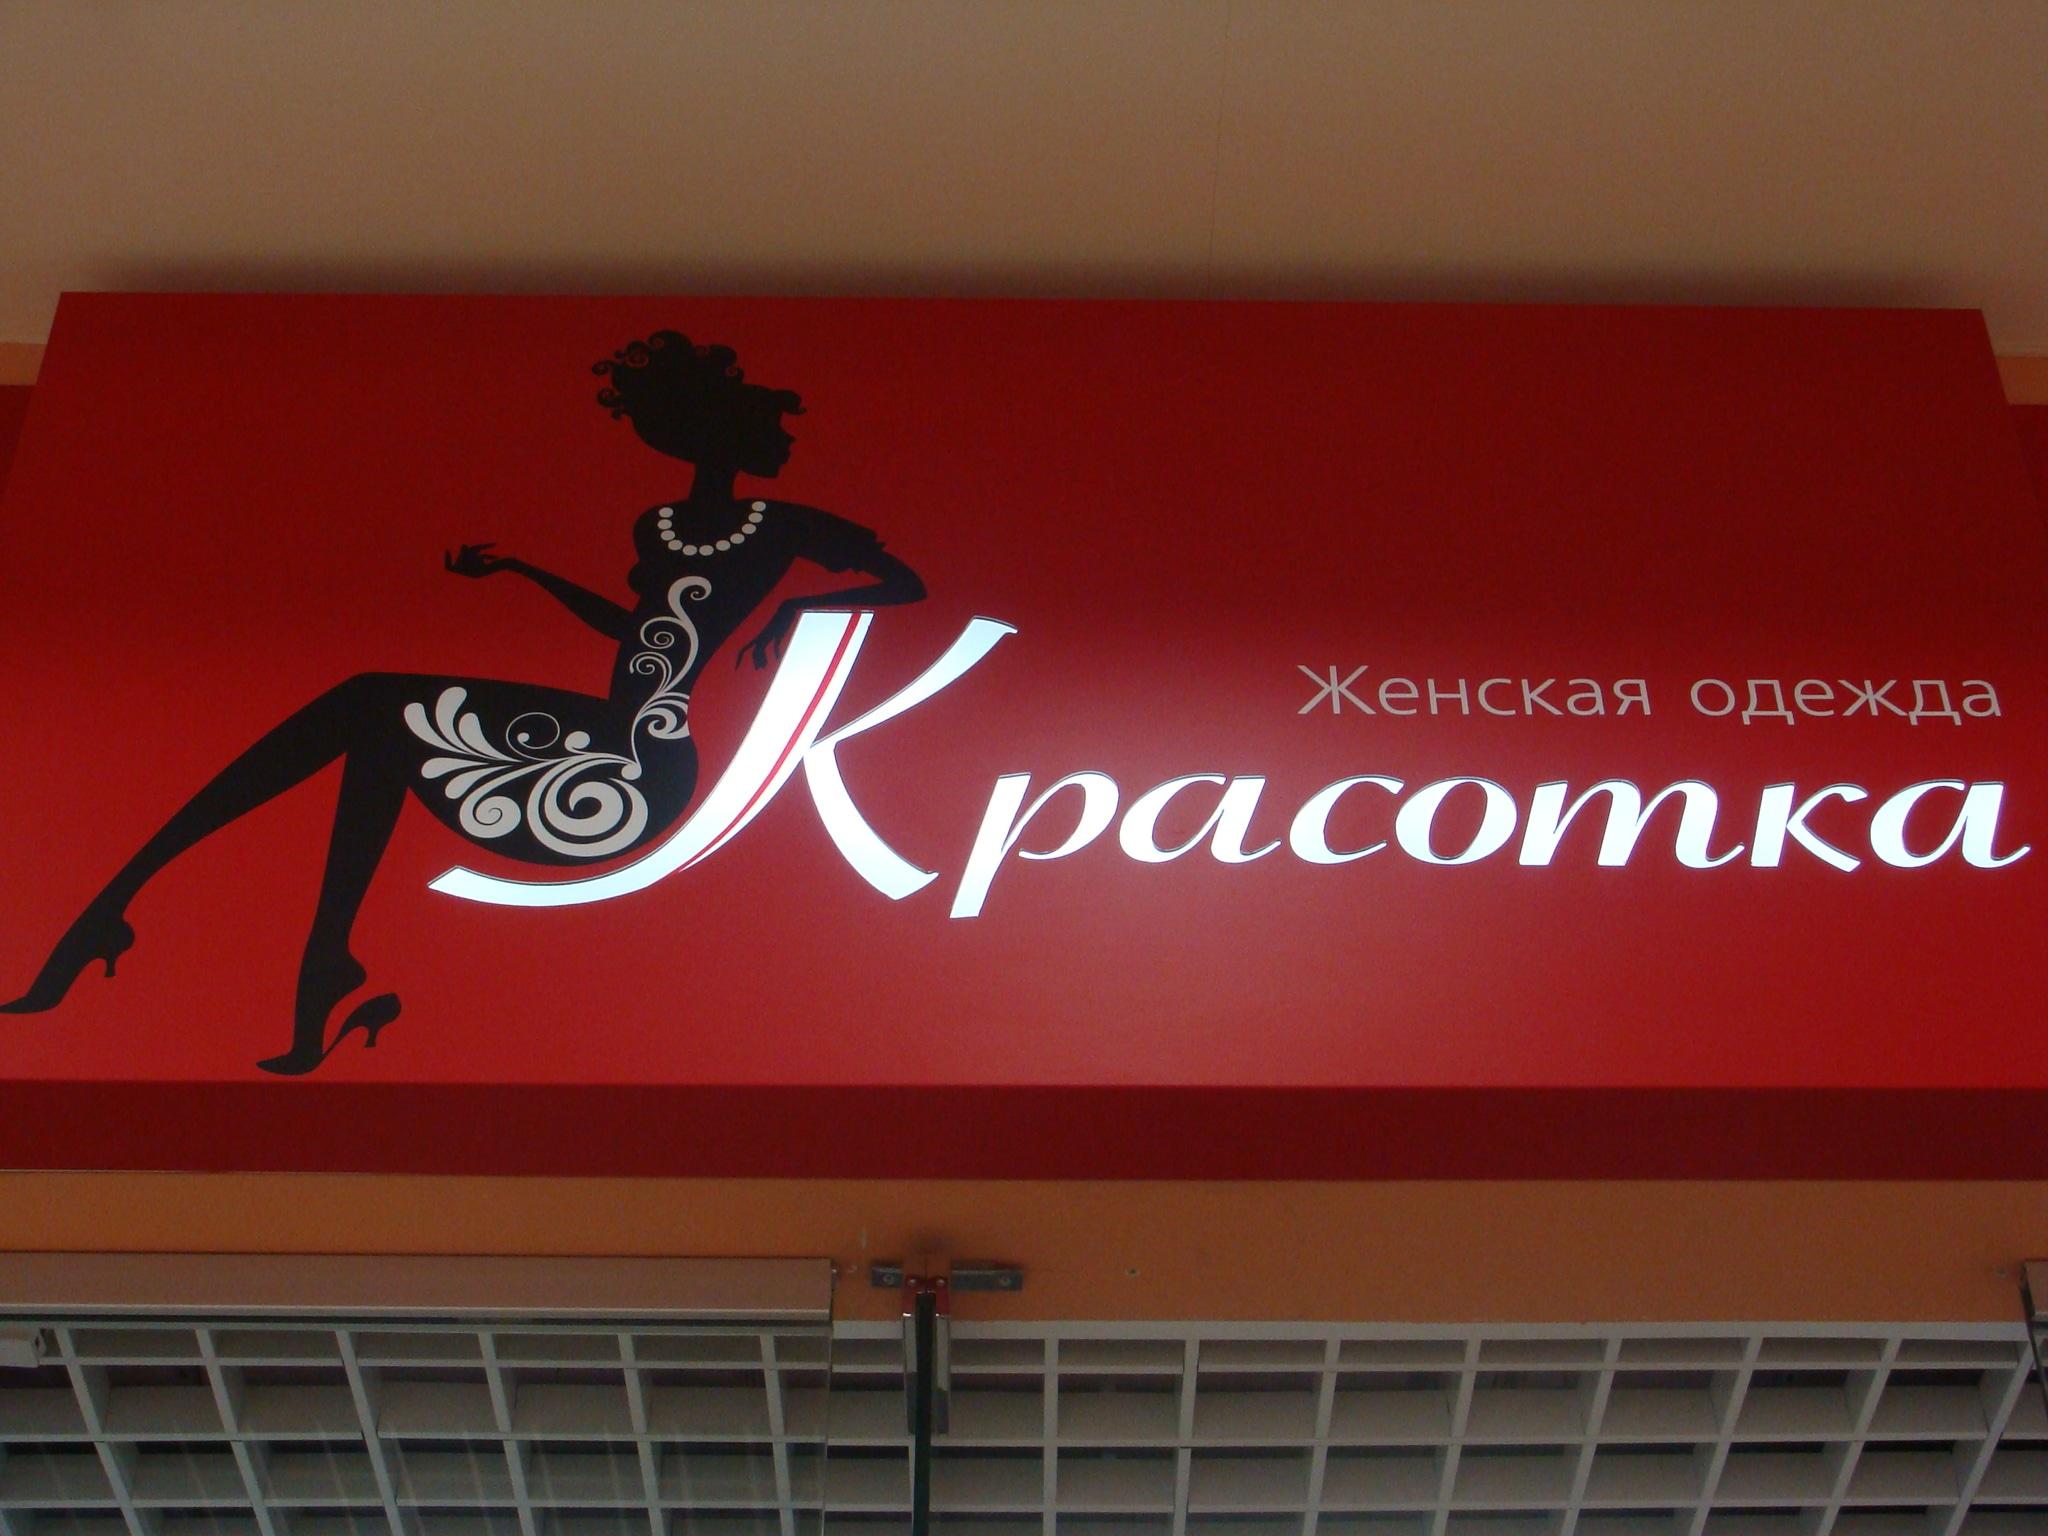 фотоклуба названия магазинов одежды картинки попросите показать